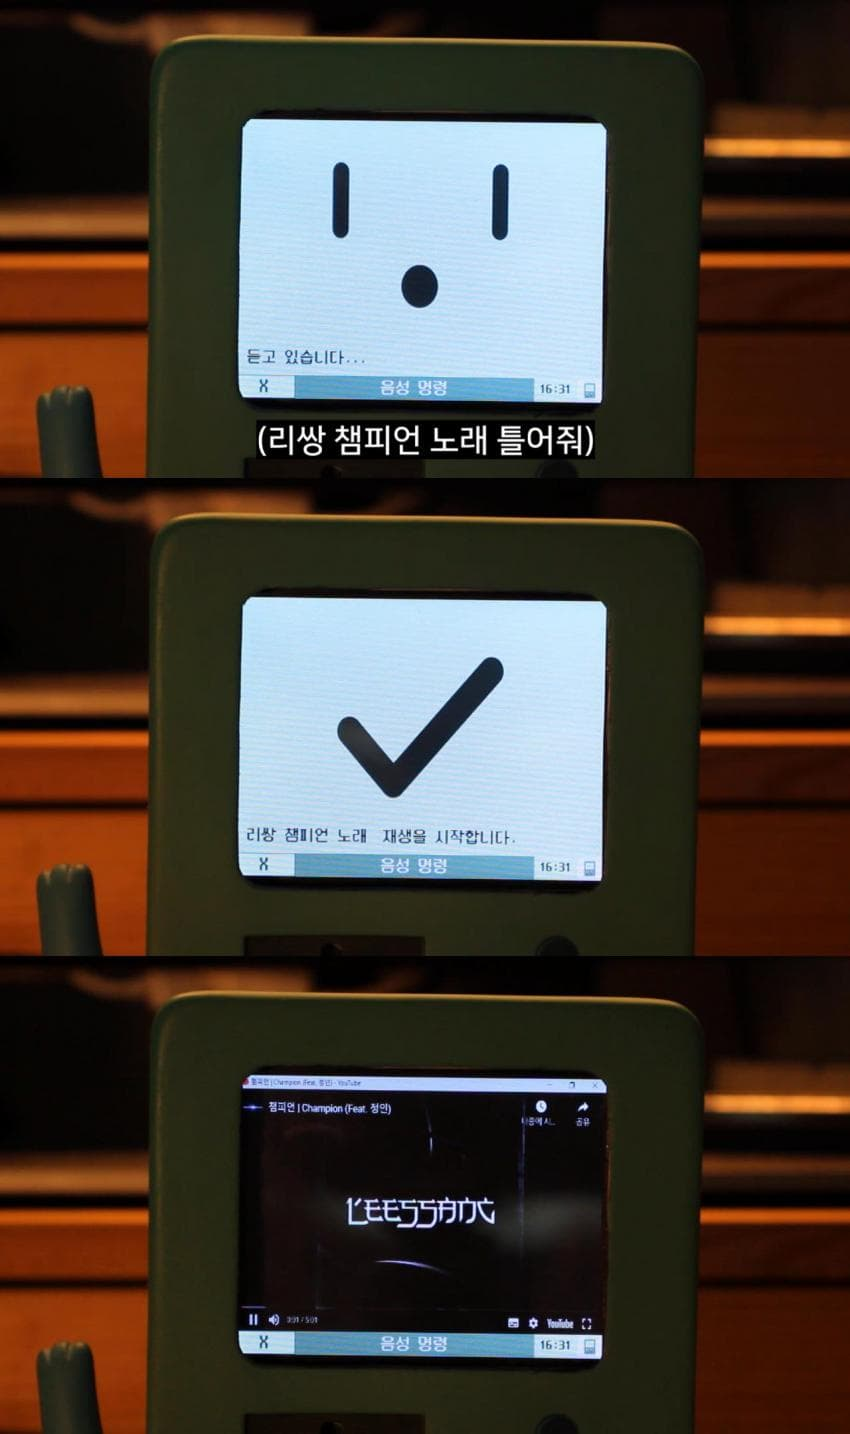 viewimage.php?id=28a8d327&no=24b0d769e1d32ca73feb87fa11d0283175f95a5bb5a9434fdc24c3adb14b4bdc07f8d54f00e4cc7963bf96cccd41d92a57648dc0ceba42a2fe06c62884ecaa